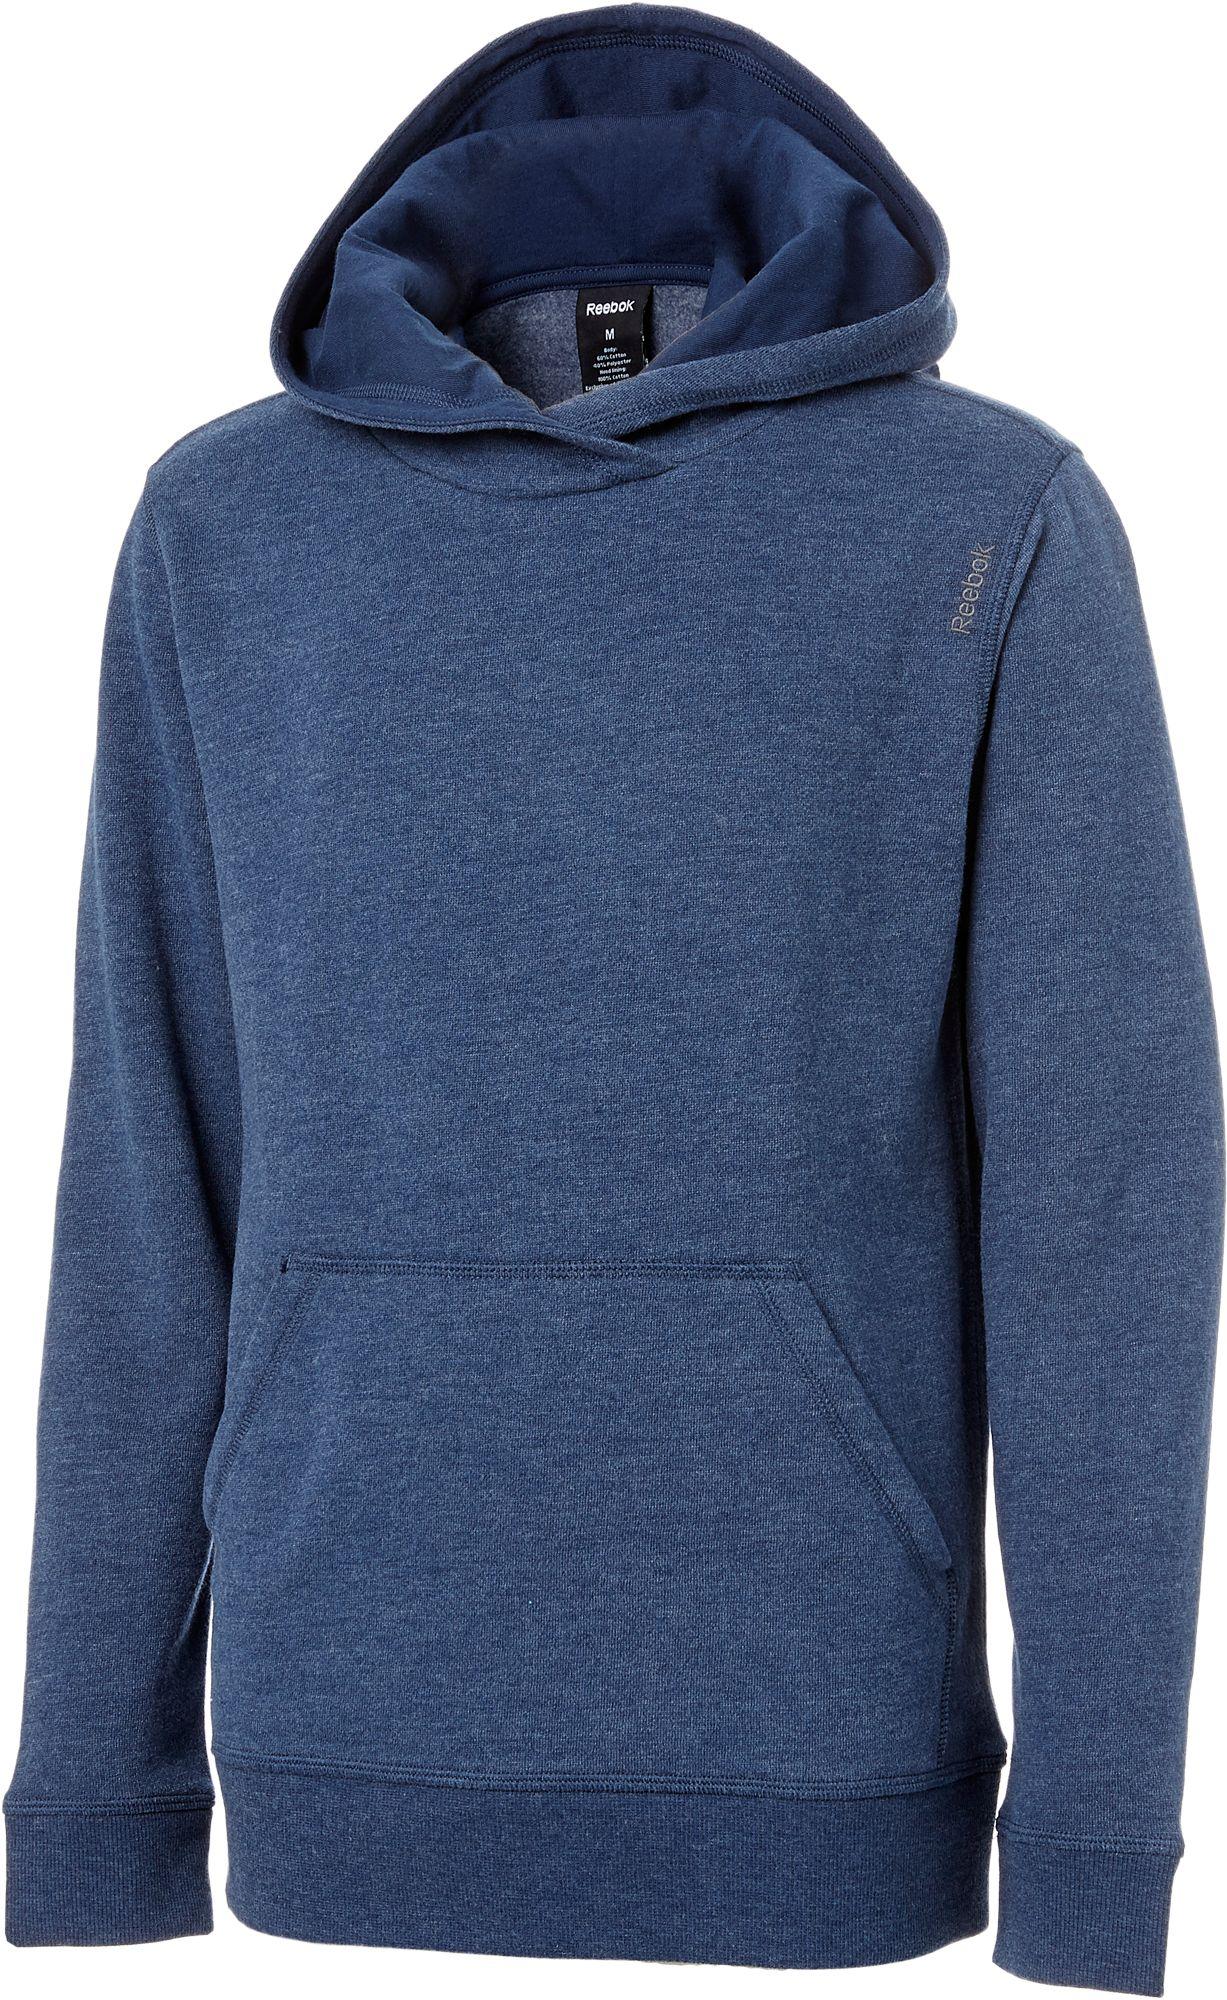 Product Image Reebok Boys' Cotton Fleece Heather Hoodie